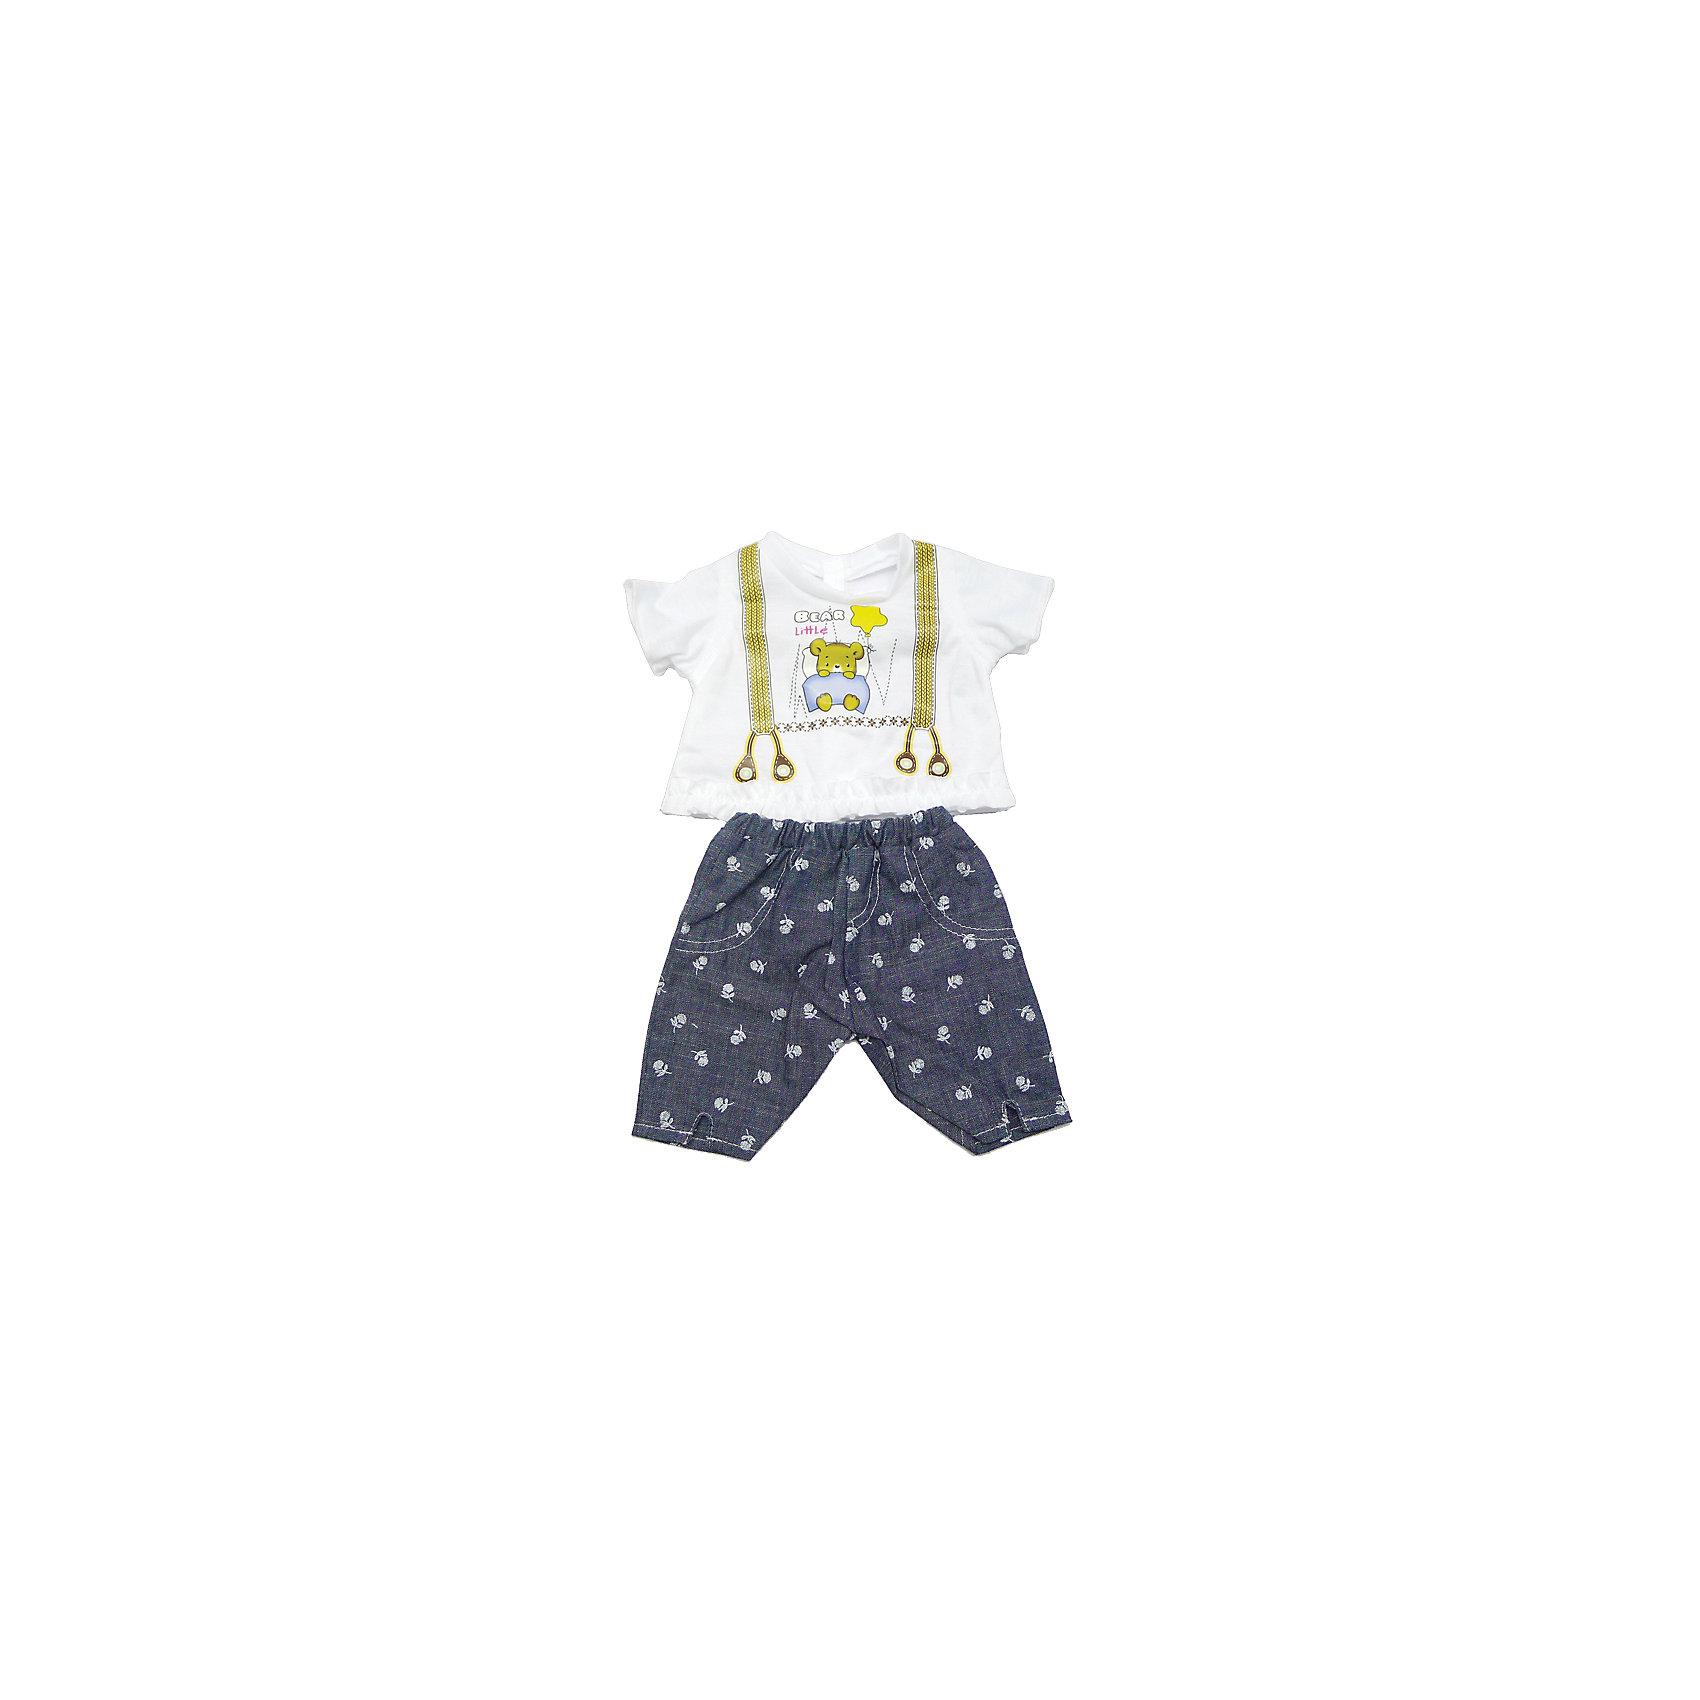 Одежда для куклы 42 см, кофточка и штанишки, Mary PoppinsКукольная одежда и аксессуары<br>Одежда для куклы 42 см, кофточка и штанишки, Mary Poppins.<br><br>Характеристики:<br><br>• Комплектация: кофточка, штанишки, вешалка<br>• Высота куклы: 42 см.<br>• Материал: текстиль<br>• Цвет: синий, белый<br>• Упаковка: пакет<br>• Уход: стирка в стиральной машине при температуре 30 ?С<br><br>Куклы тоже любят менять наряды! И для них создается стильная и модная одежда, похожая на одежду для настоящих малышей. Этот нарядный костюмчик из эксклюзивной коллекции ТМ Mary Poppins пополнит гардероб куклы высотой 42 см. Костюмчик состоит из штанишек-шортиков, похожих на джинсовые, и белой футболки, на которой изображены подтяжки и медвежонок в кроватке. Низ футболки отделан оборкой. Наряд для куклы изготовлен из приятной на ощупь ткани, его легко снимать и одевать.<br><br>Одежду для куклы 42 см, кофточка и штанишки, Mary Poppins можно купить в нашем интернет-магазине.<br><br>Ширина мм: 220<br>Глубина мм: 330<br>Высота мм: 10<br>Вес г: 90<br>Возраст от месяцев: 24<br>Возраст до месяцев: 2147483647<br>Пол: Женский<br>Возраст: Детский<br>SKU: 5402769